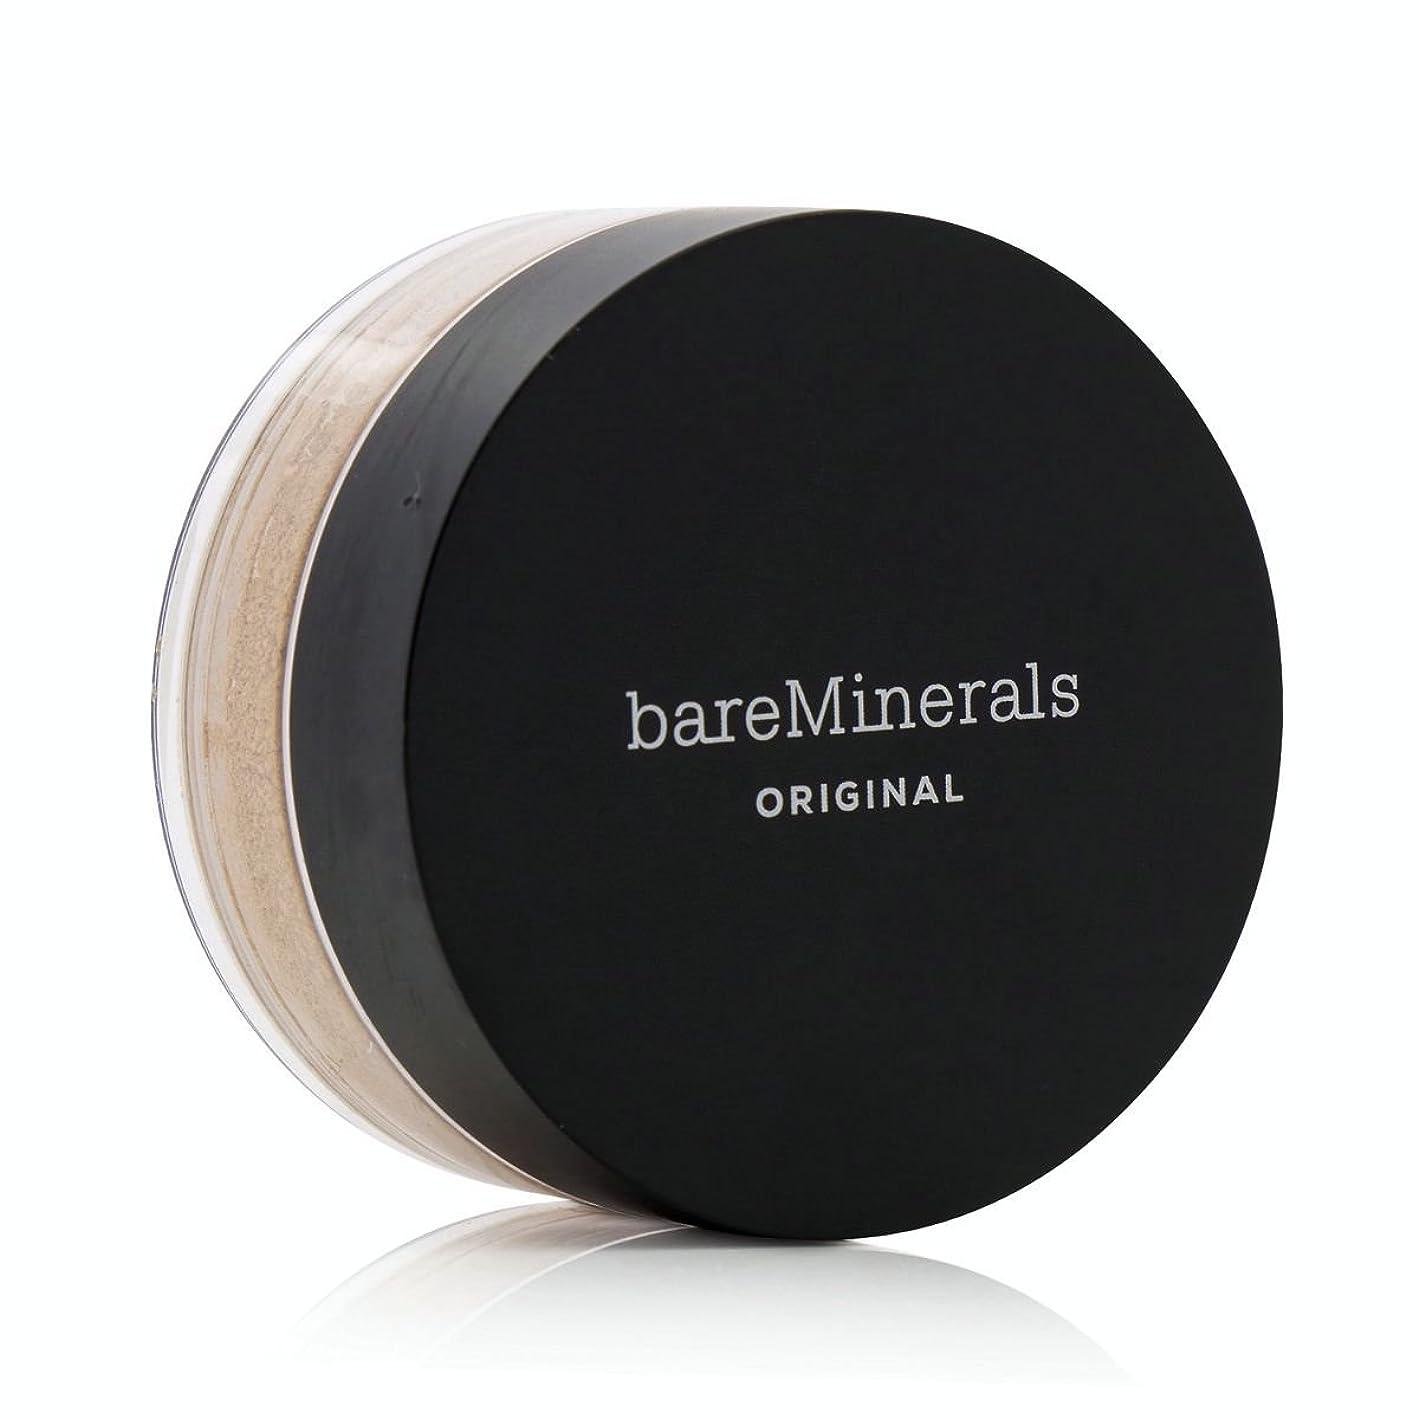 バンカーどんよりした彫る[BareMinerals(ベアミネラル)] ベアミネラルオリジナルSPF 15ファンデーション - #フェアアイボリー 8g/0.28oz